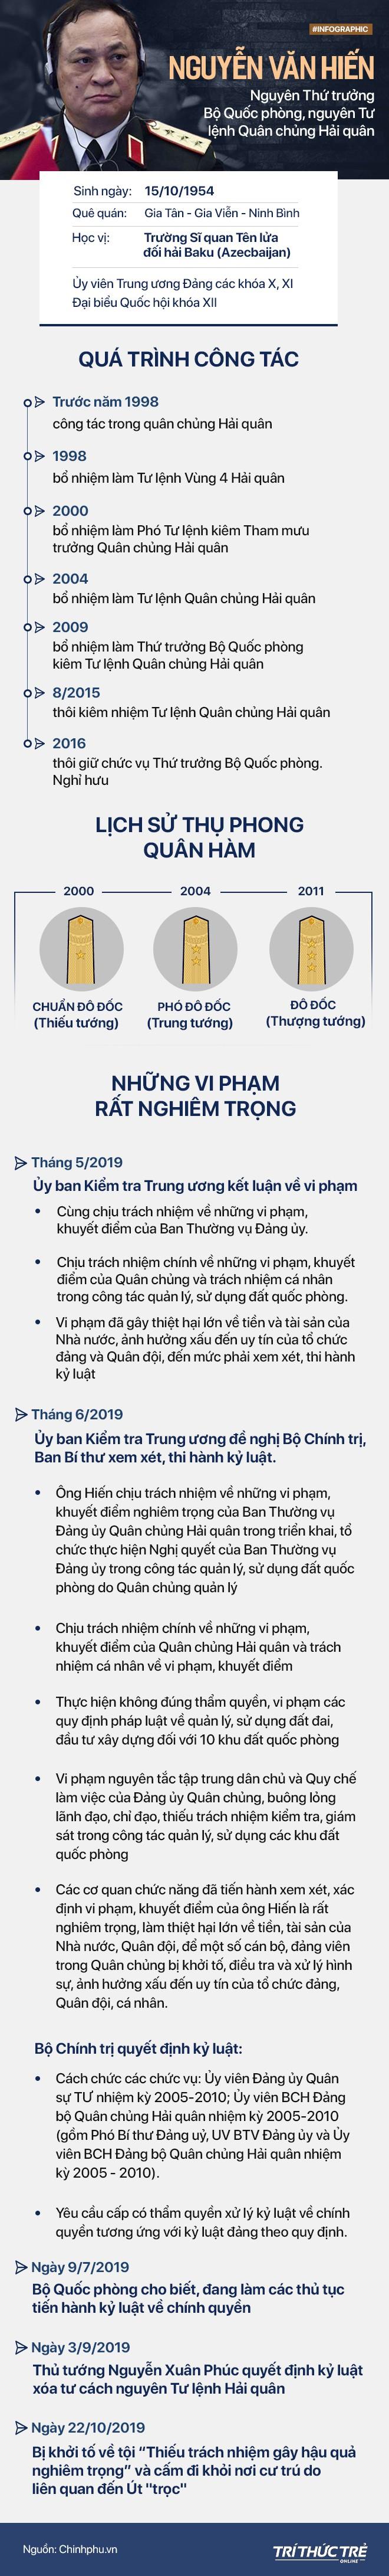 Những vi phạm rất nghiêm trọng của Đô đốc Nguyễn Văn Hiến vừa bị khởi tố - ảnh 1